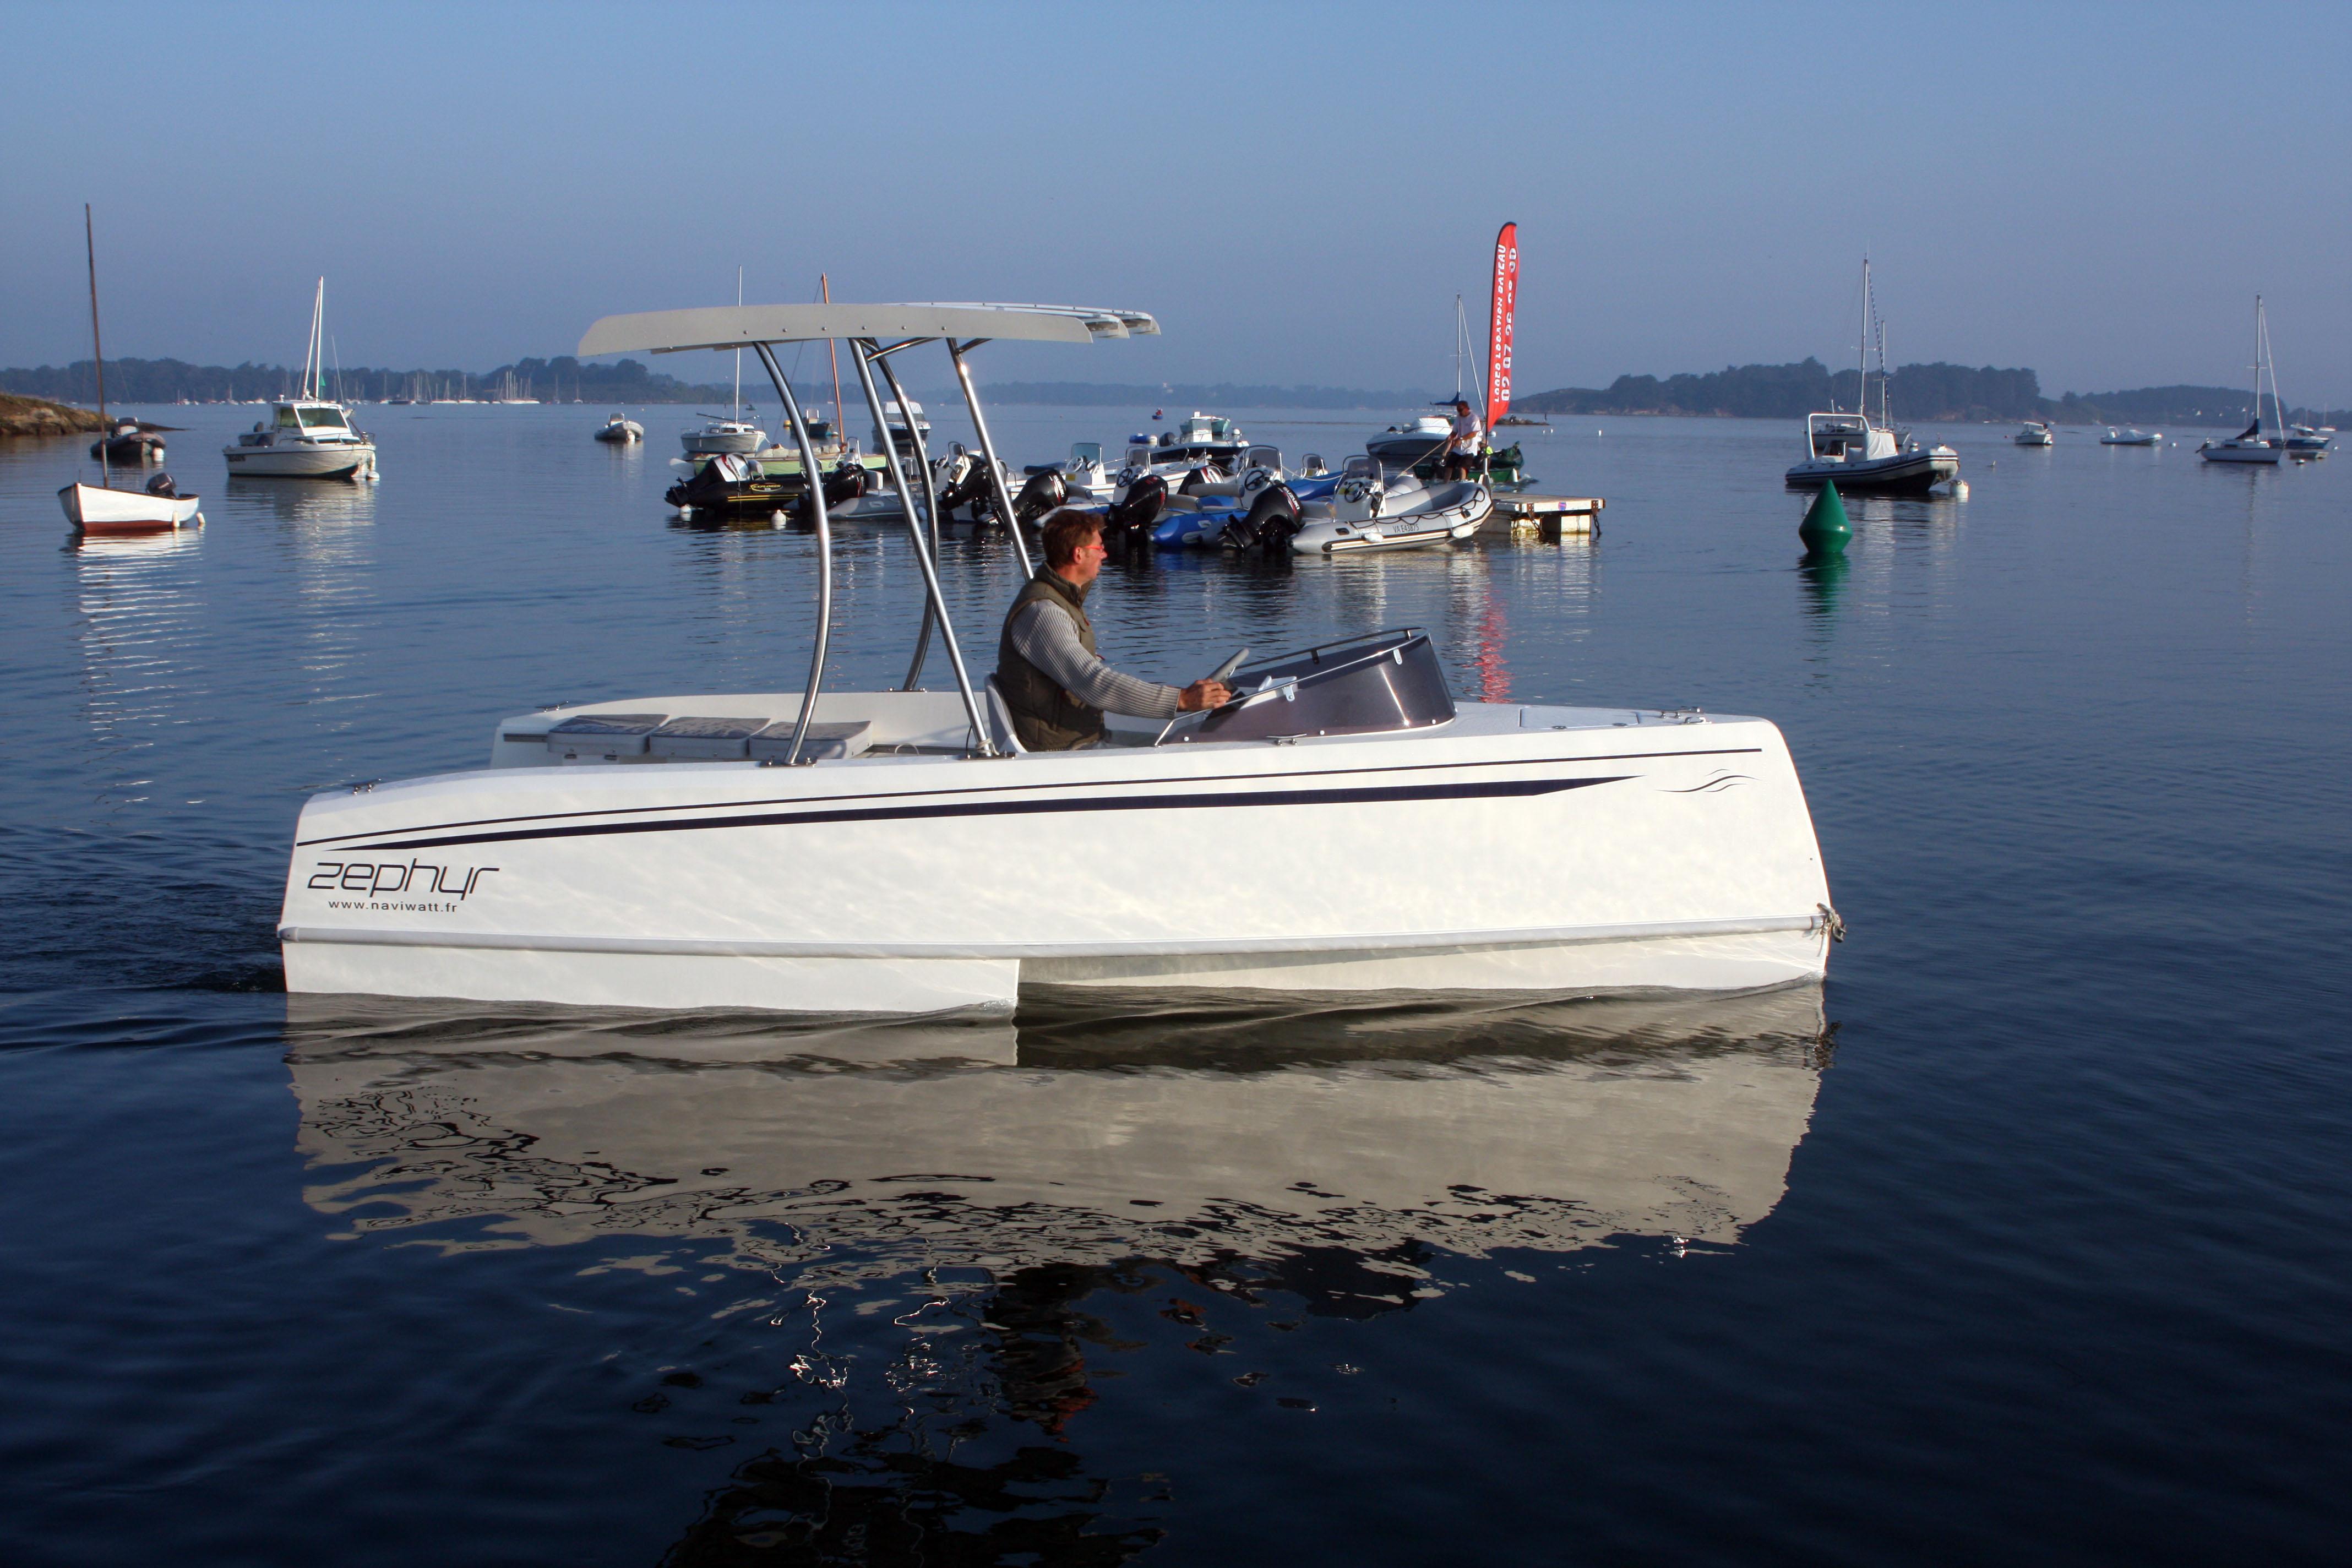 bateau zephyr